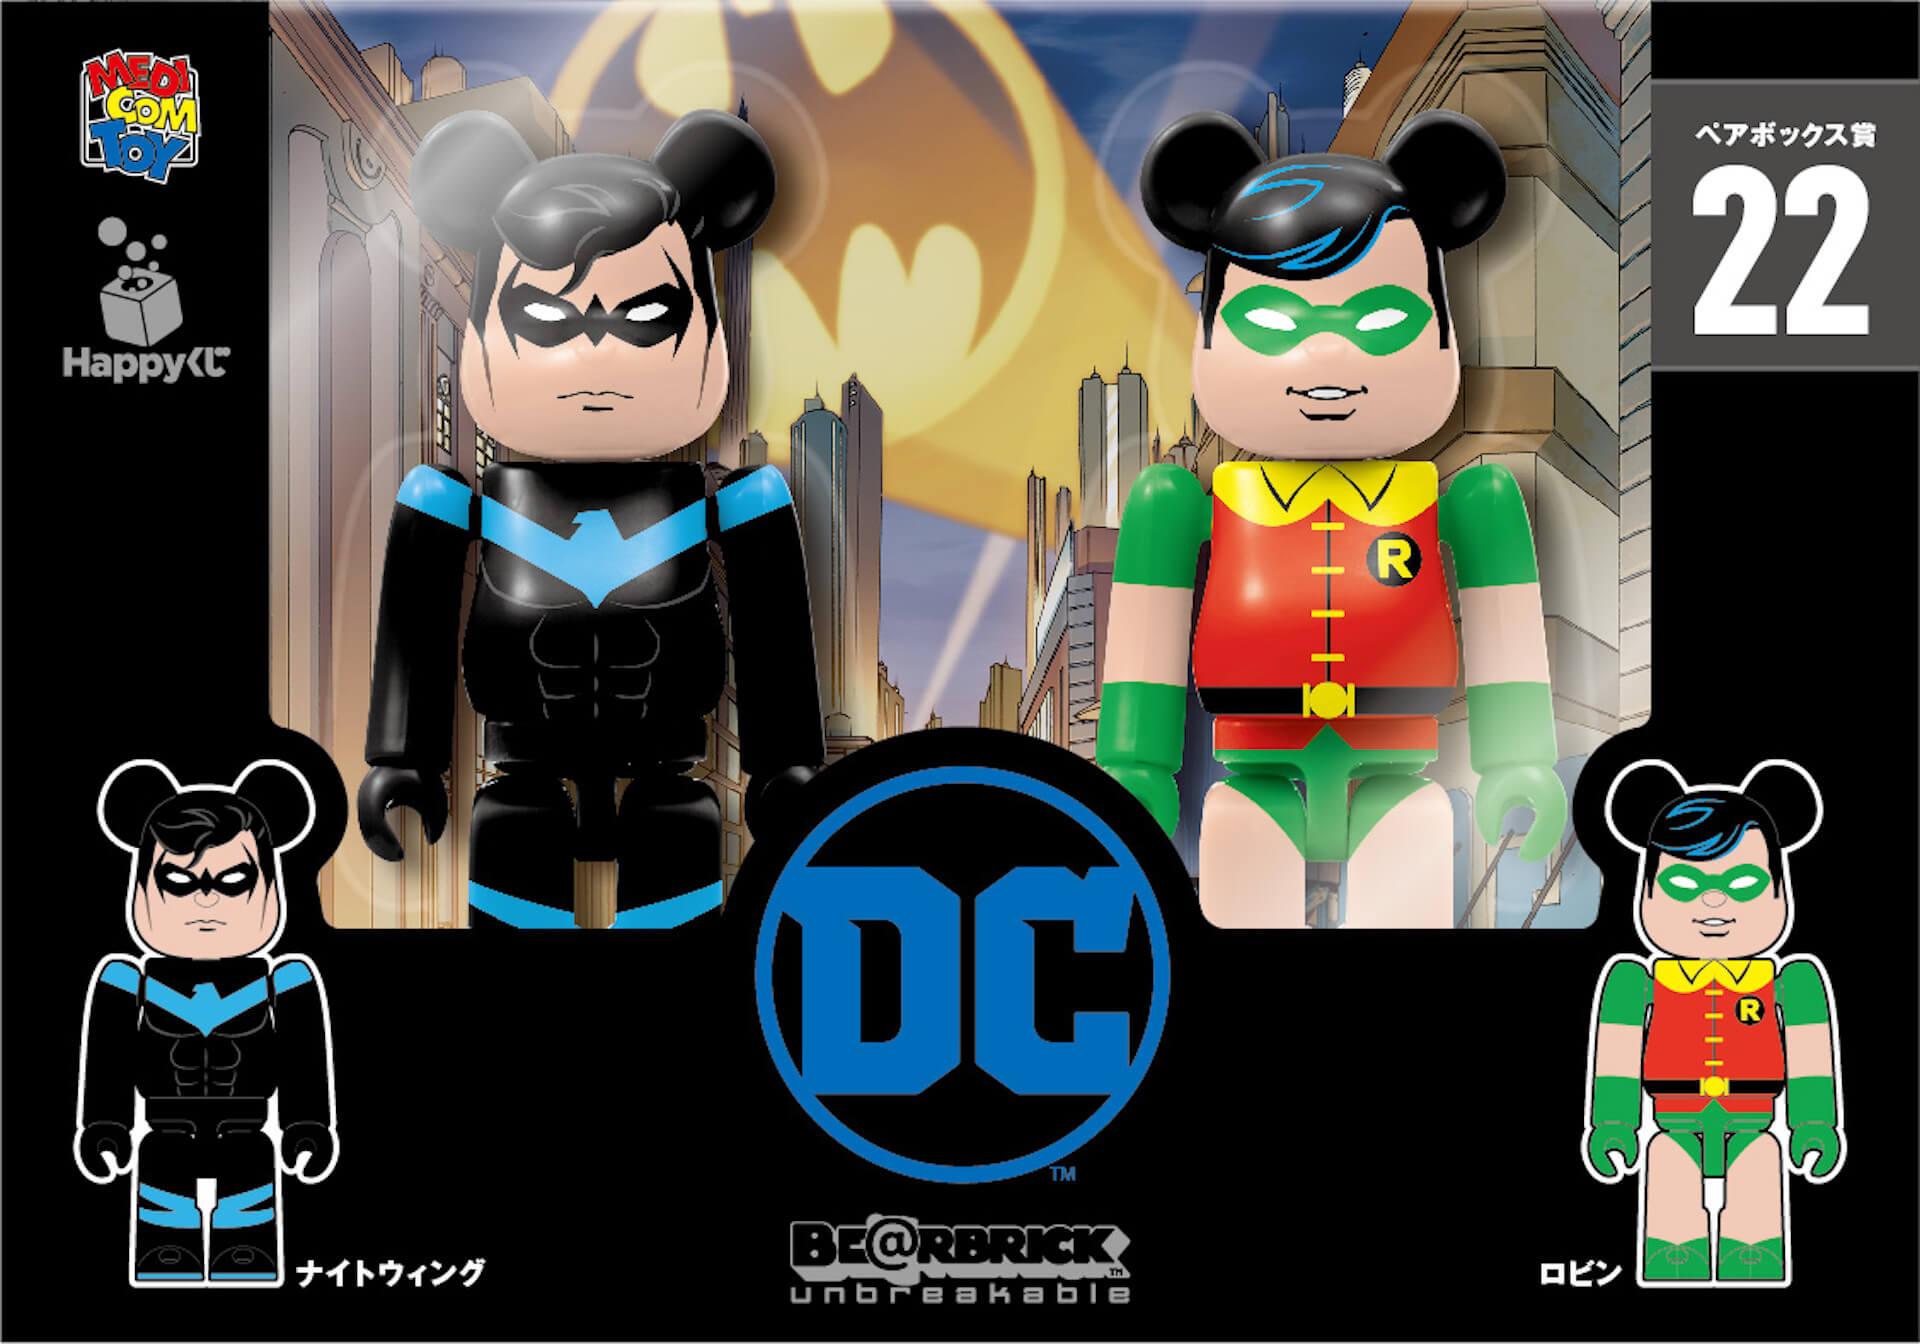 『ワンダーウーマン 1984』劇場公開記念!スーパーマン、バットマン、ジョーカーら人気DCキャラのBE@RBRICKや限定ポスターが当たるHappyくじが発売 art201216_dc_bearbrick_7